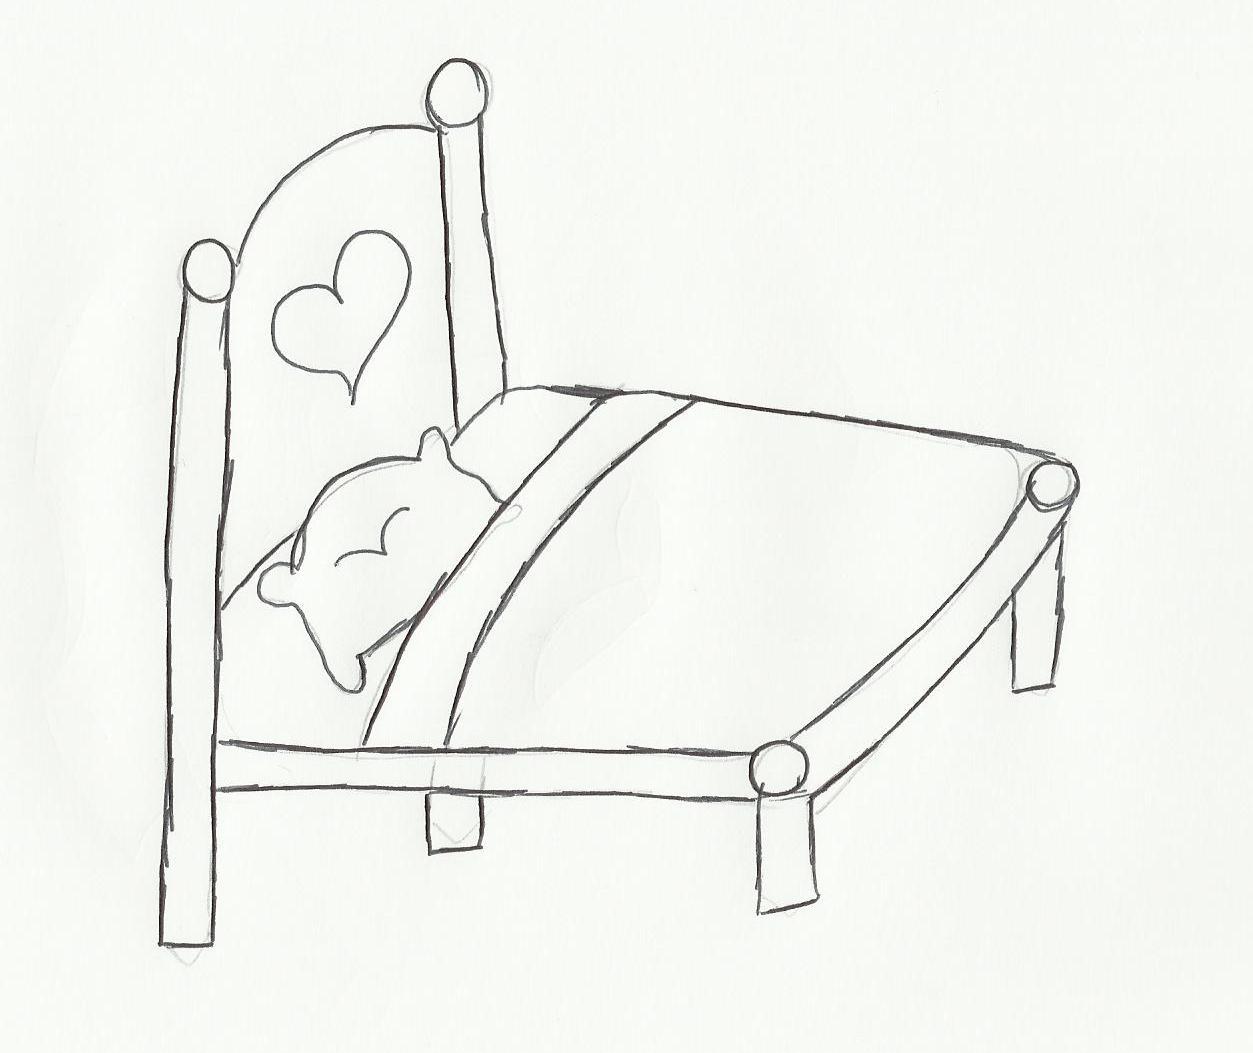 Desenho de cama para colorir - <center>Gifs e Desenhos</center>